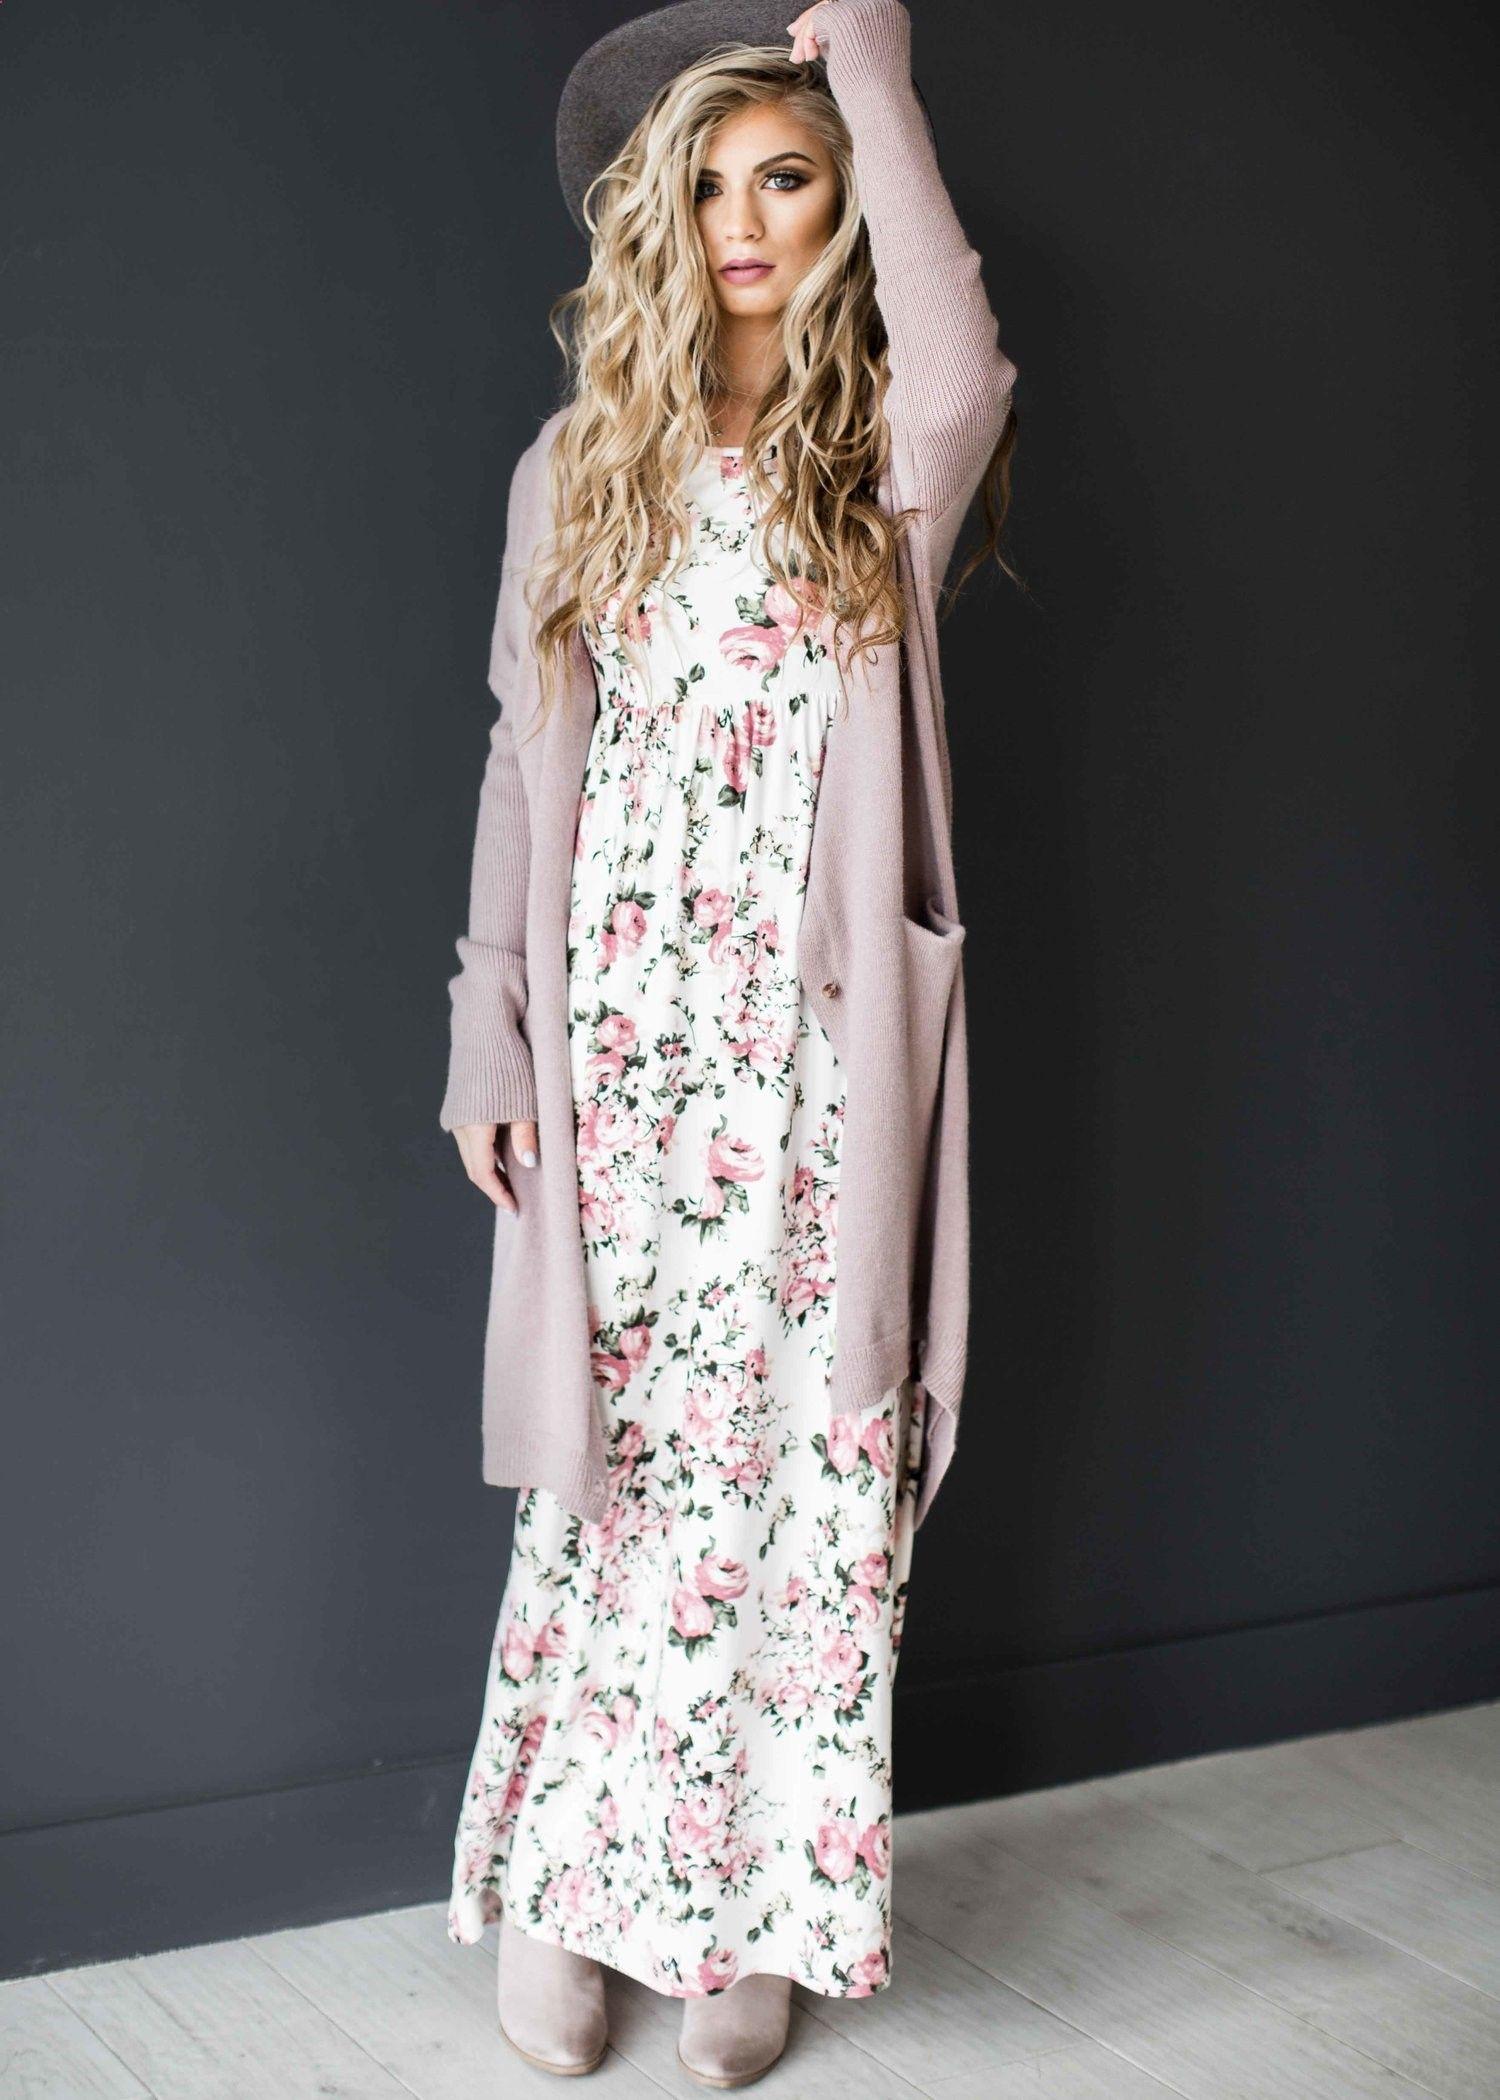 Floral dress blonde jessakae easter dress spring dress midi